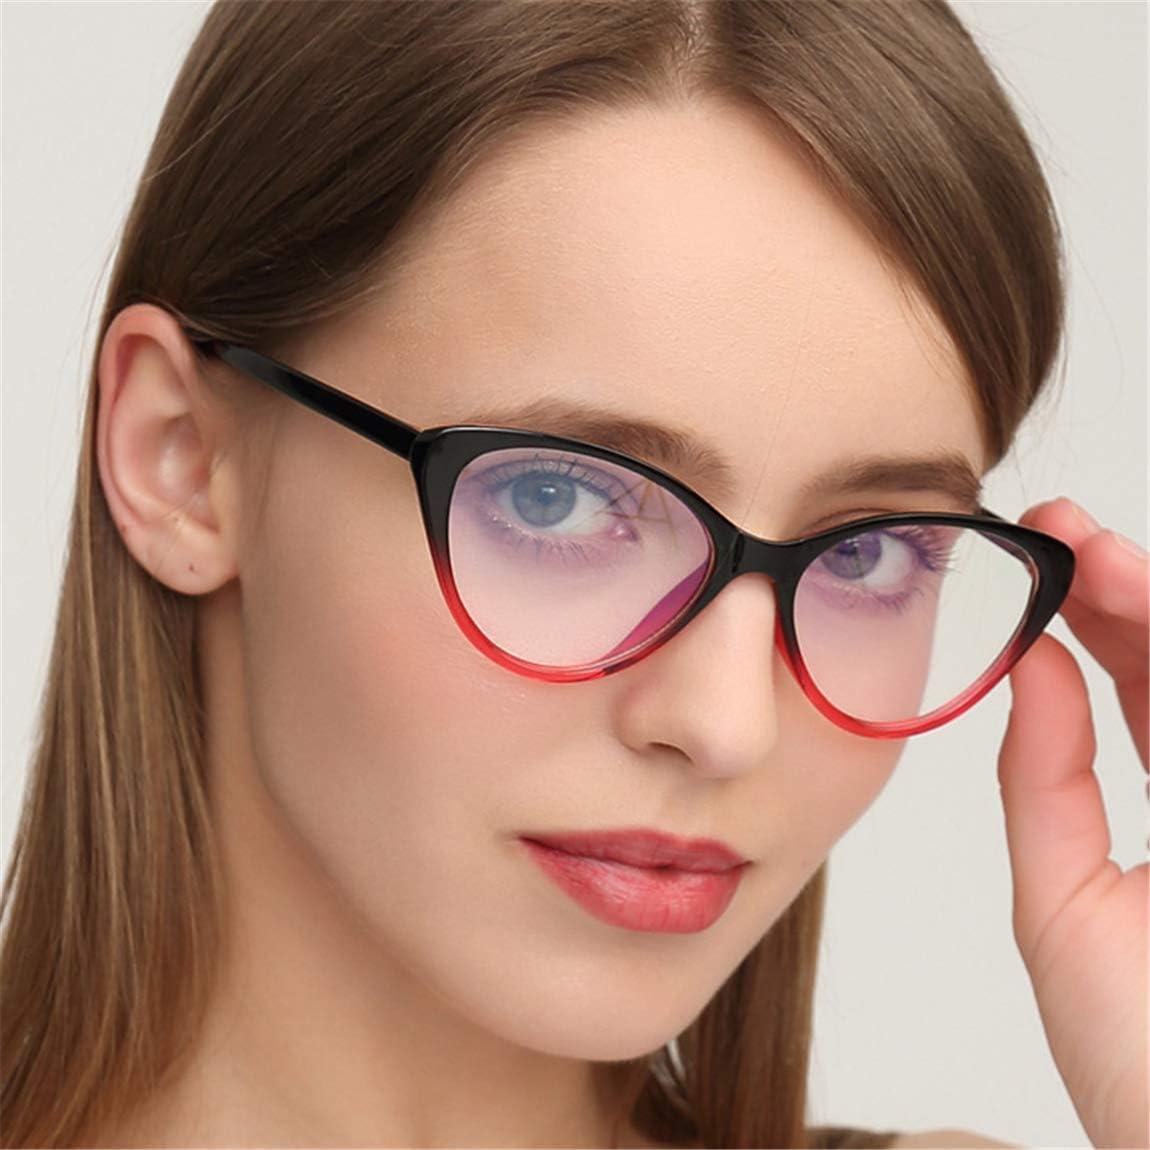 Mode Retro Dekobrille,Brillenfassung Klare Linse Cat Eye Brille f/ür Damen Herren GIFIORE Katzenaugen Brille Ohne St/ärke